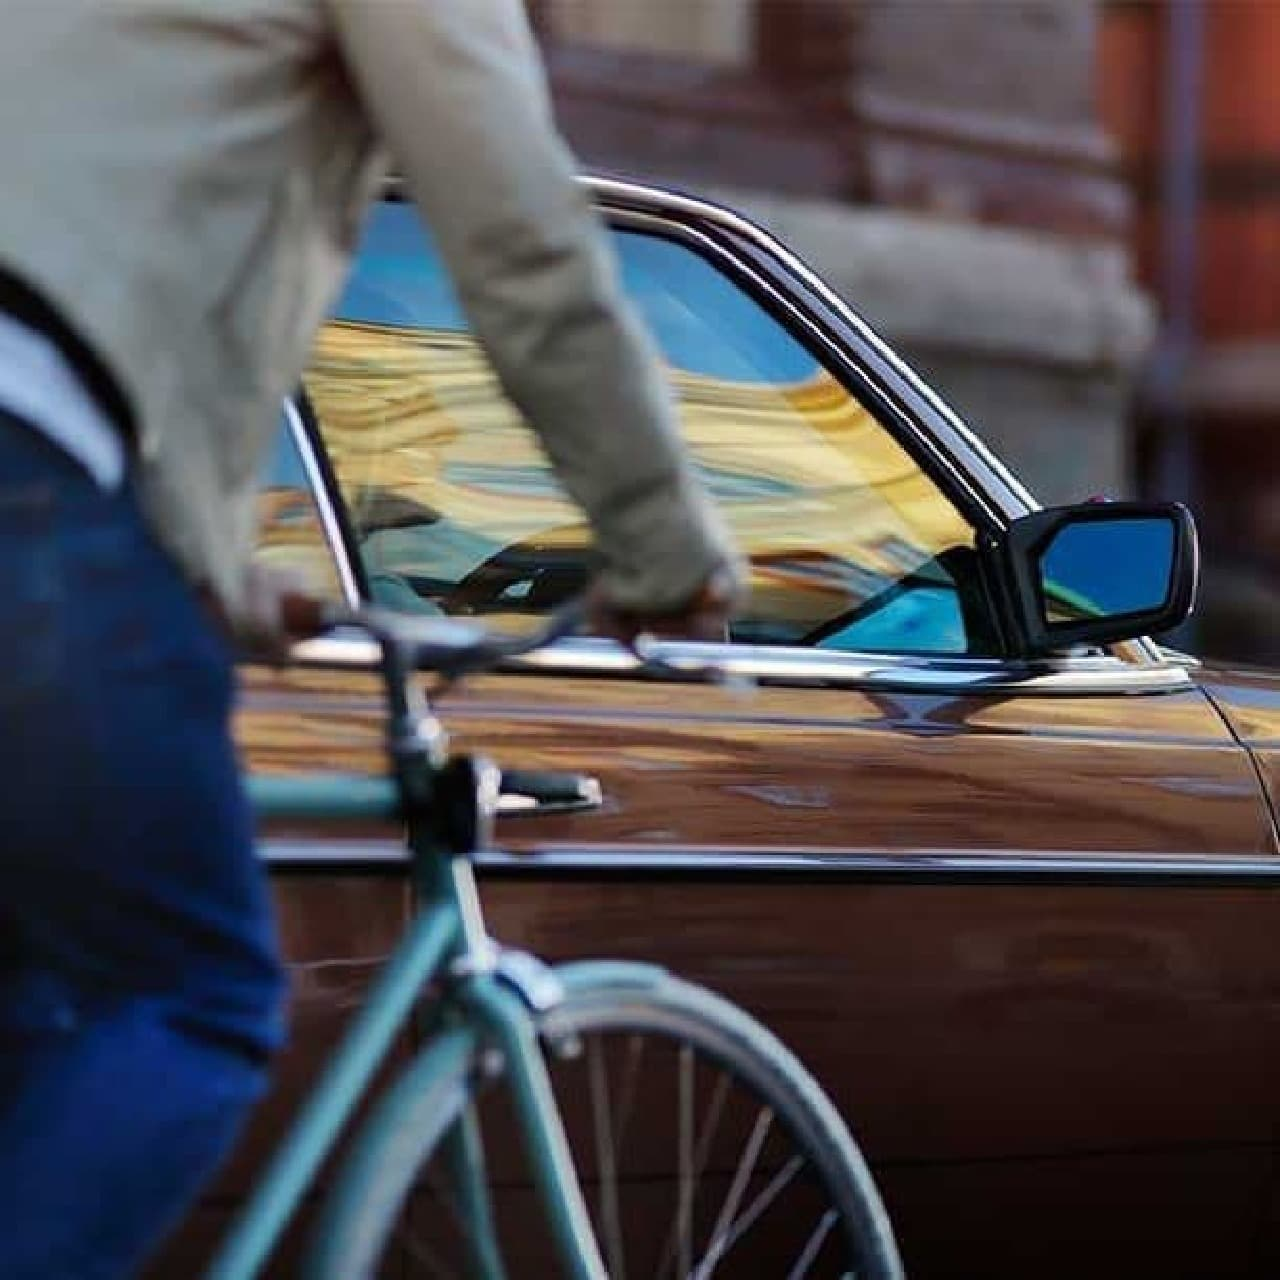 自転車でクルマのドアに突進!…を防いでくれる「Life Sticker」